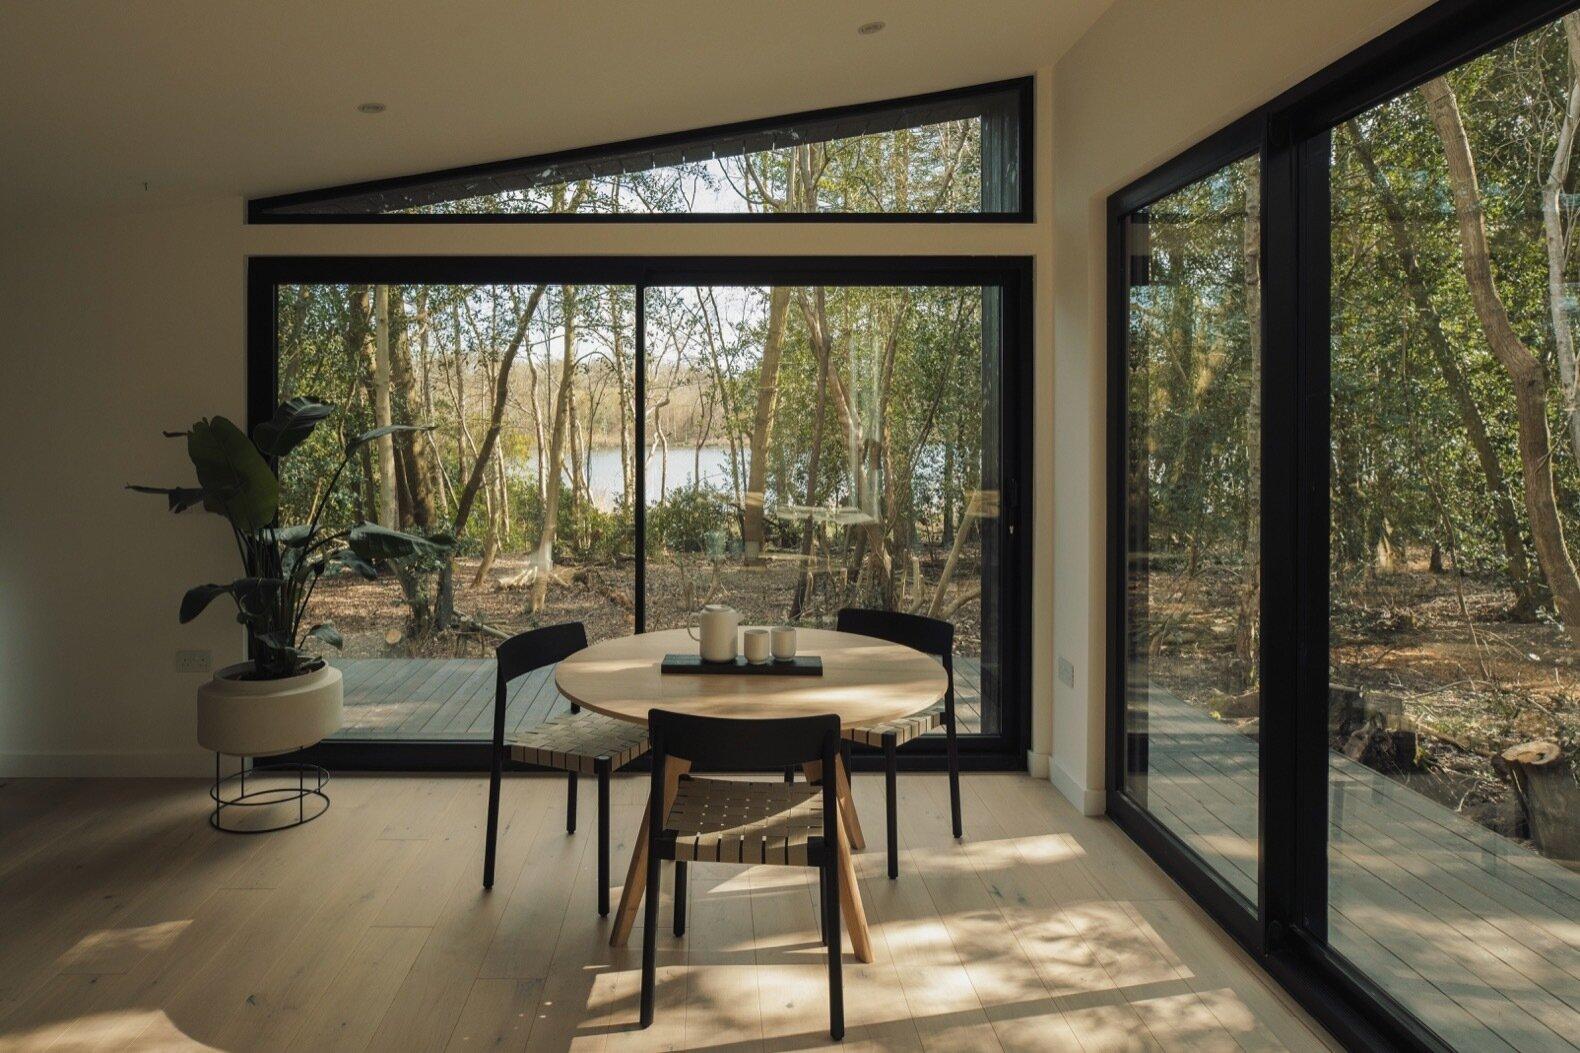 Grandes ventanales para aprovechar la luz natural